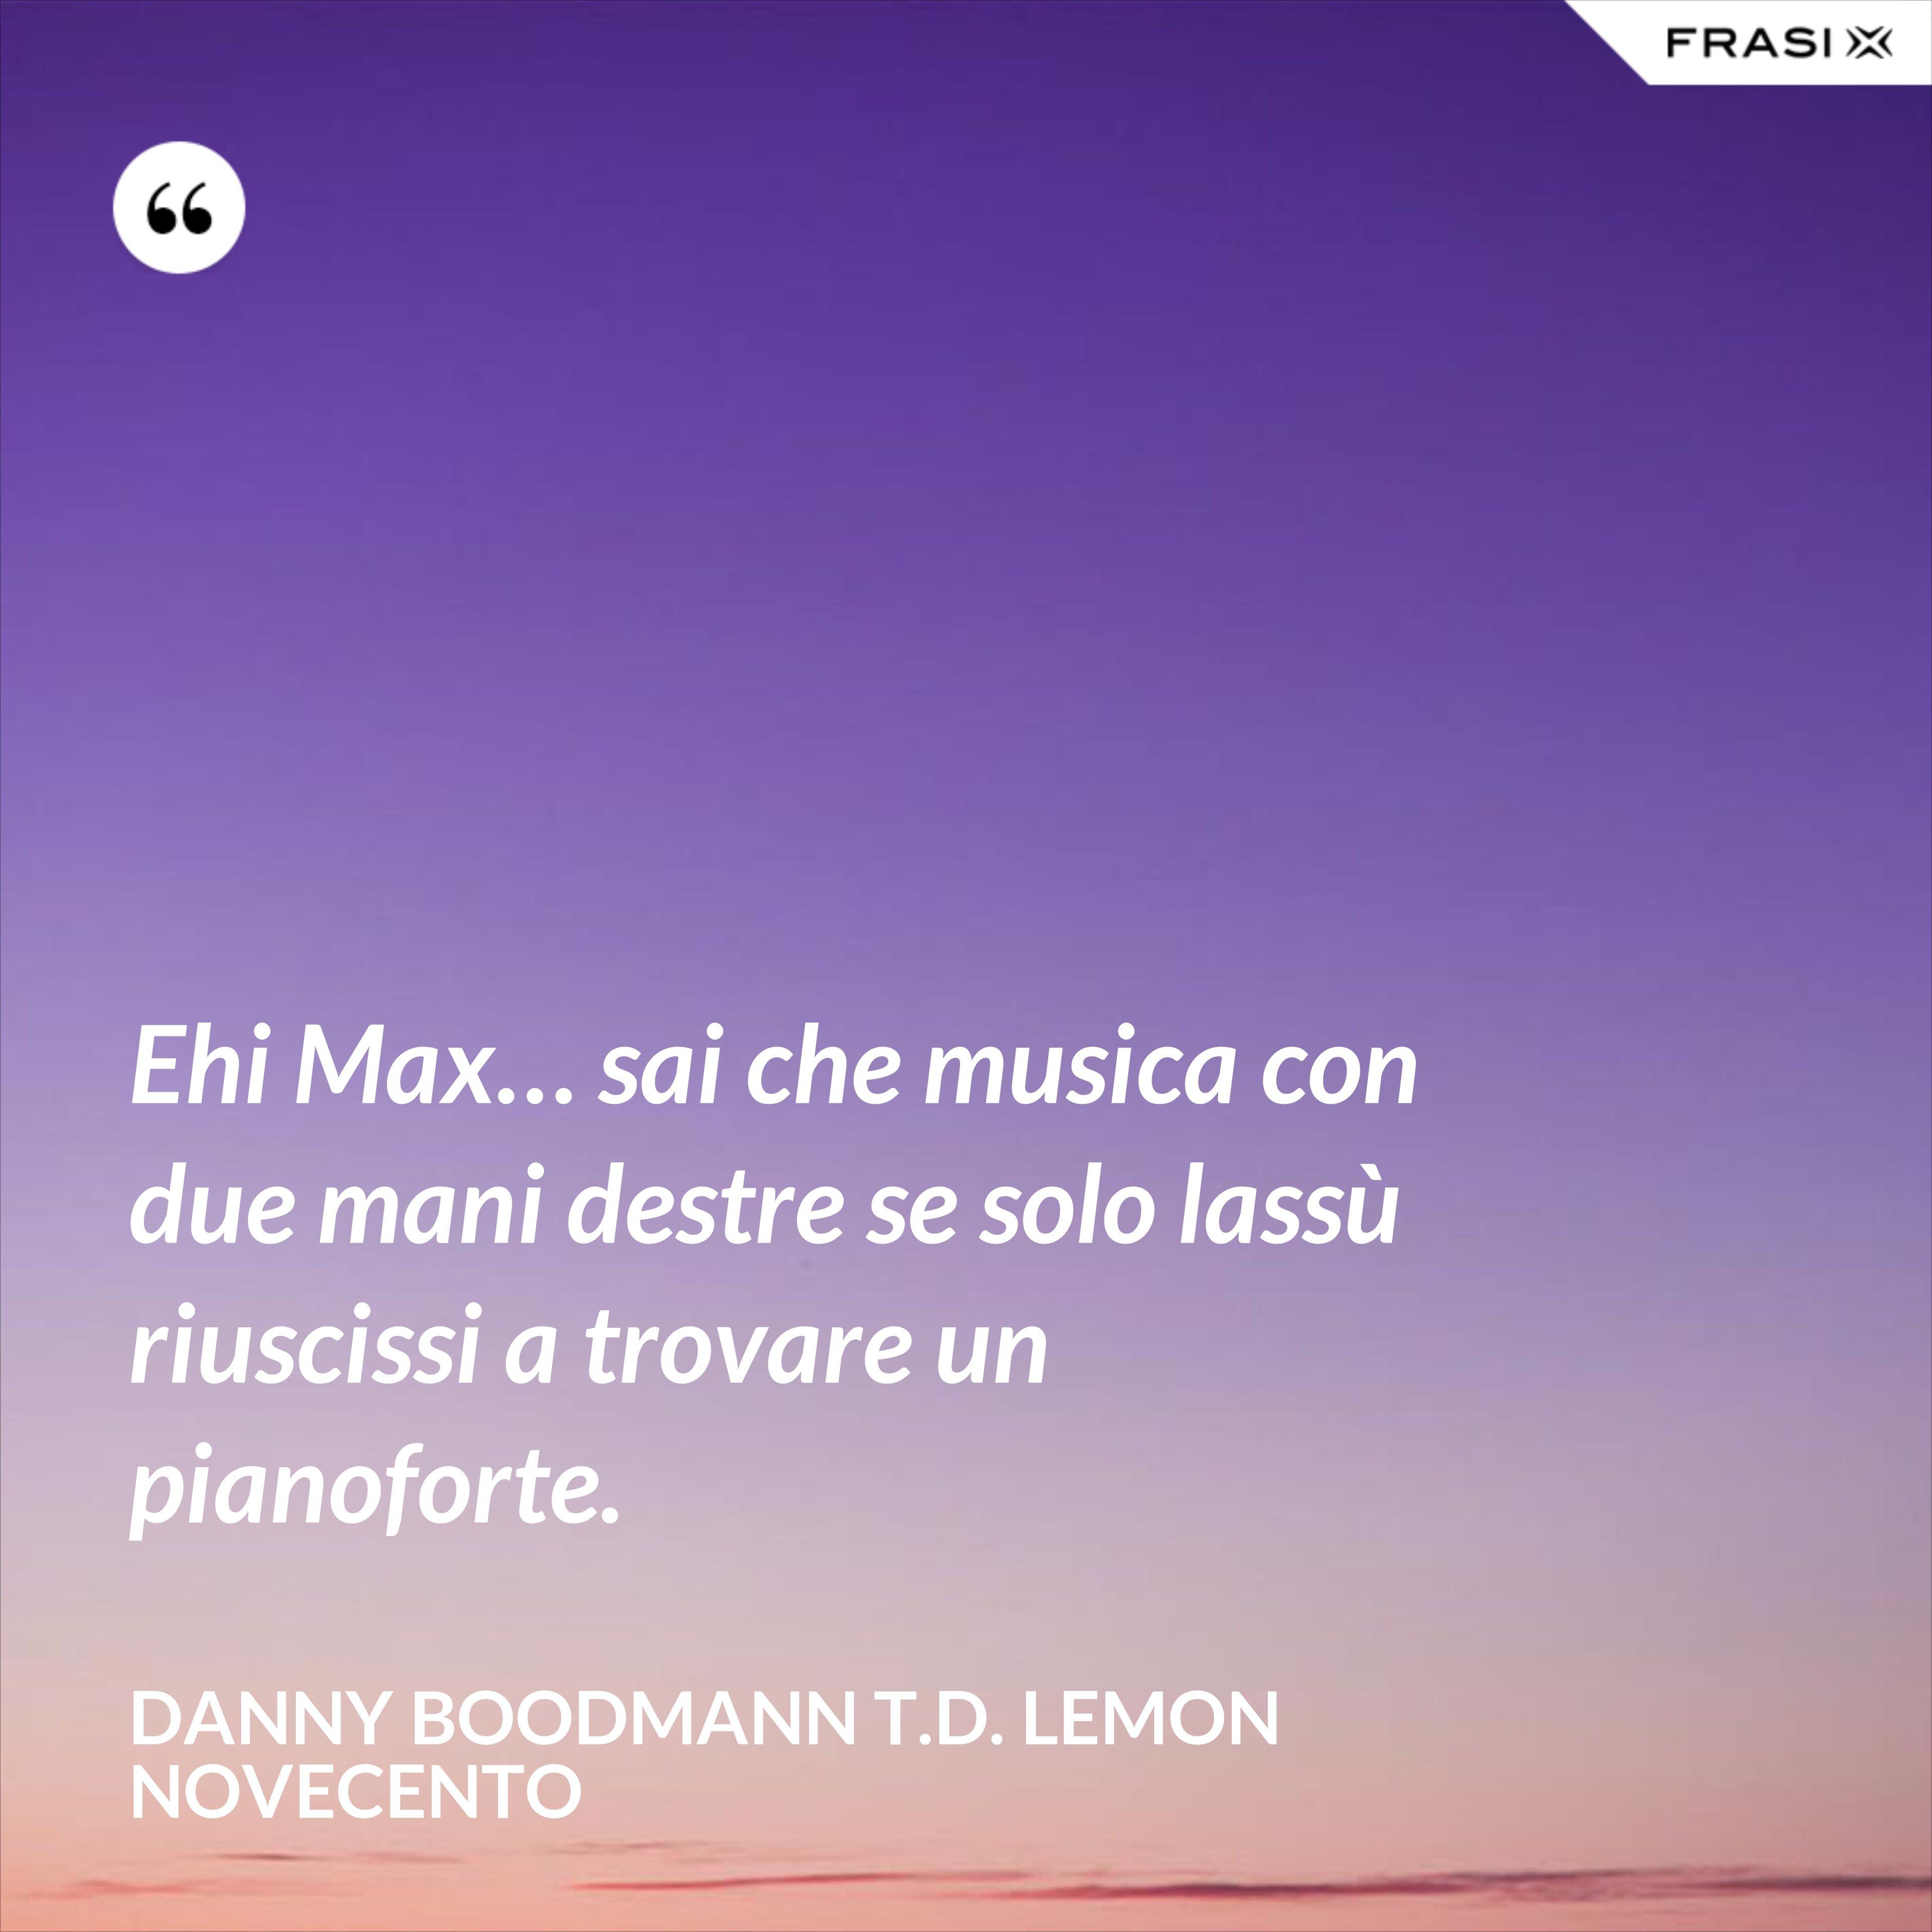 Ehi Max… sai che musica con due mani destre se solo lassù riuscissi a trovare un pianoforte. - Danny Boodmann T.D. Lemon Novecento